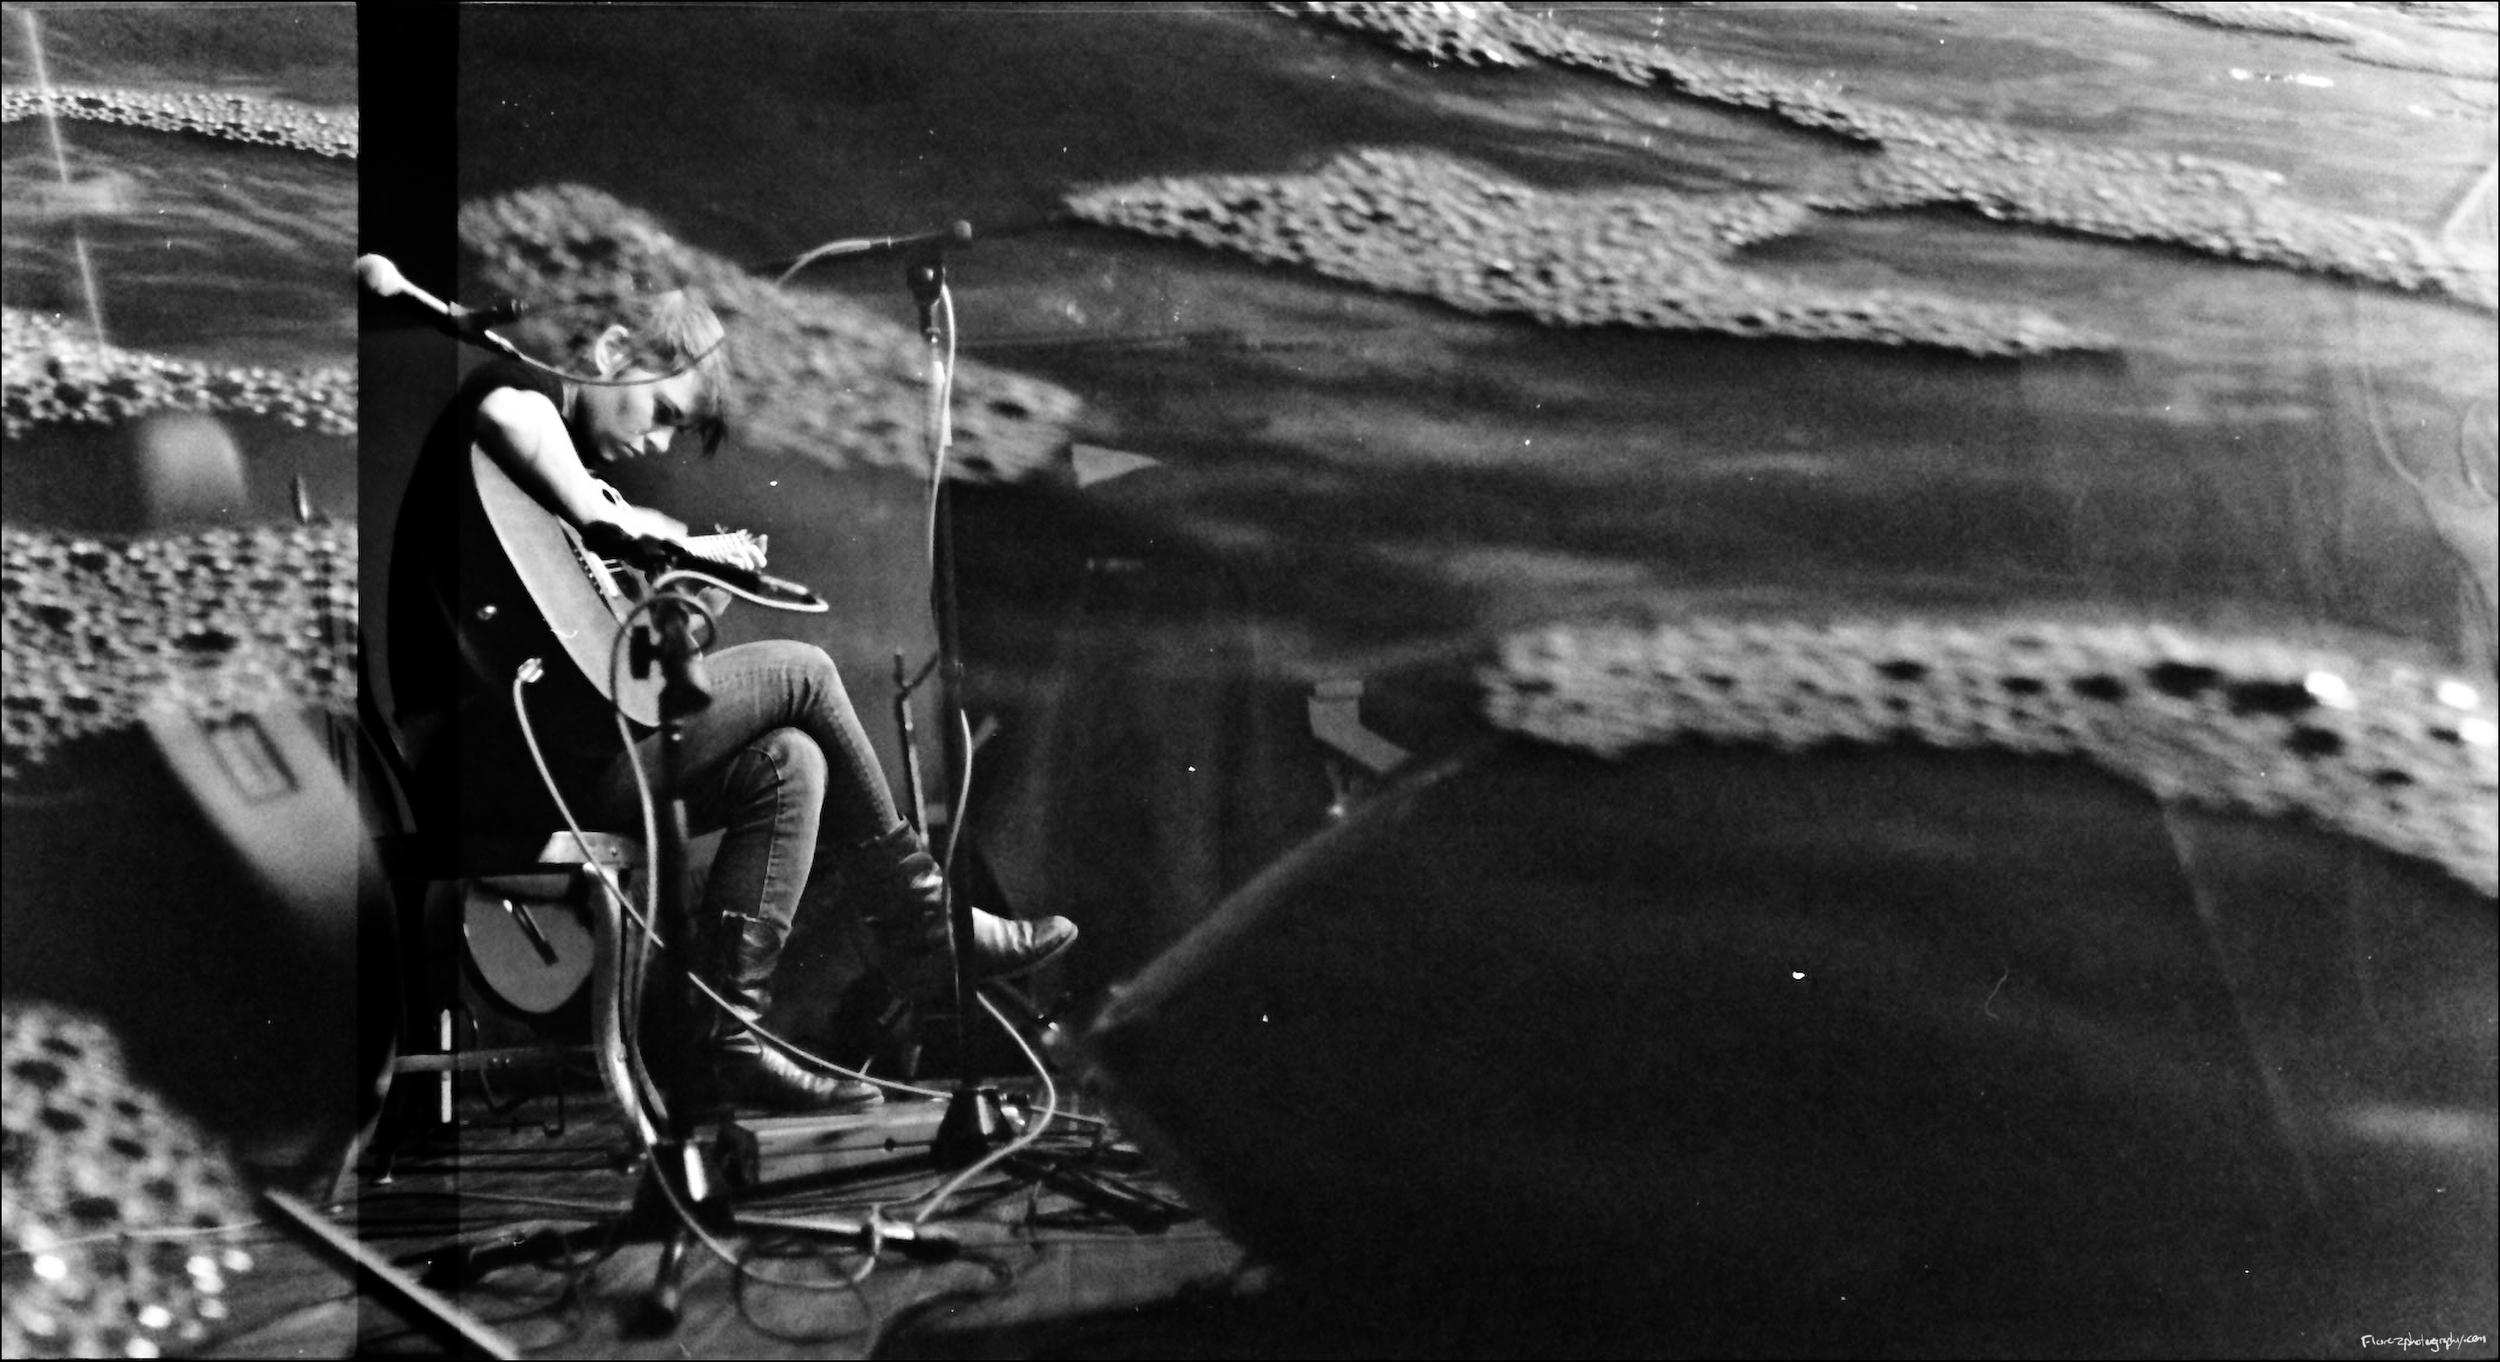 Kaki King (double exposed on 35mm film)